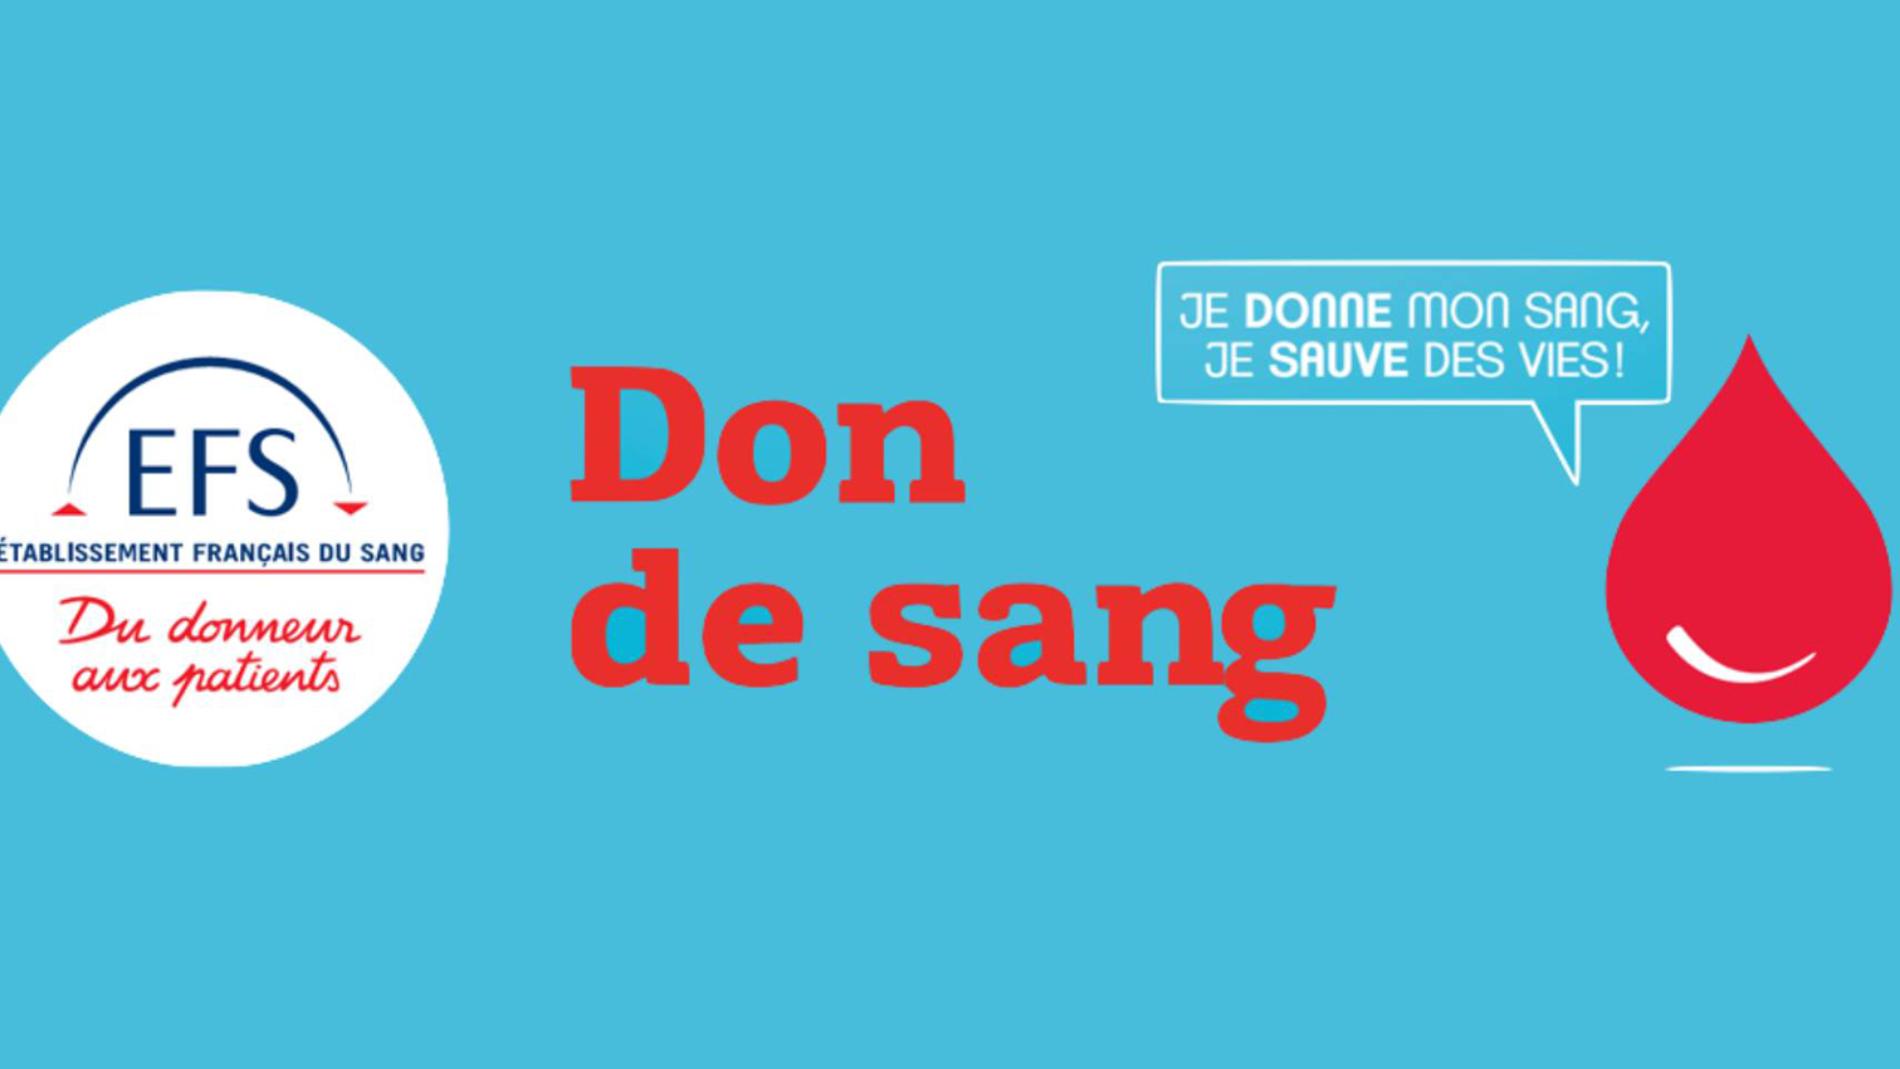 dondusang corrigé